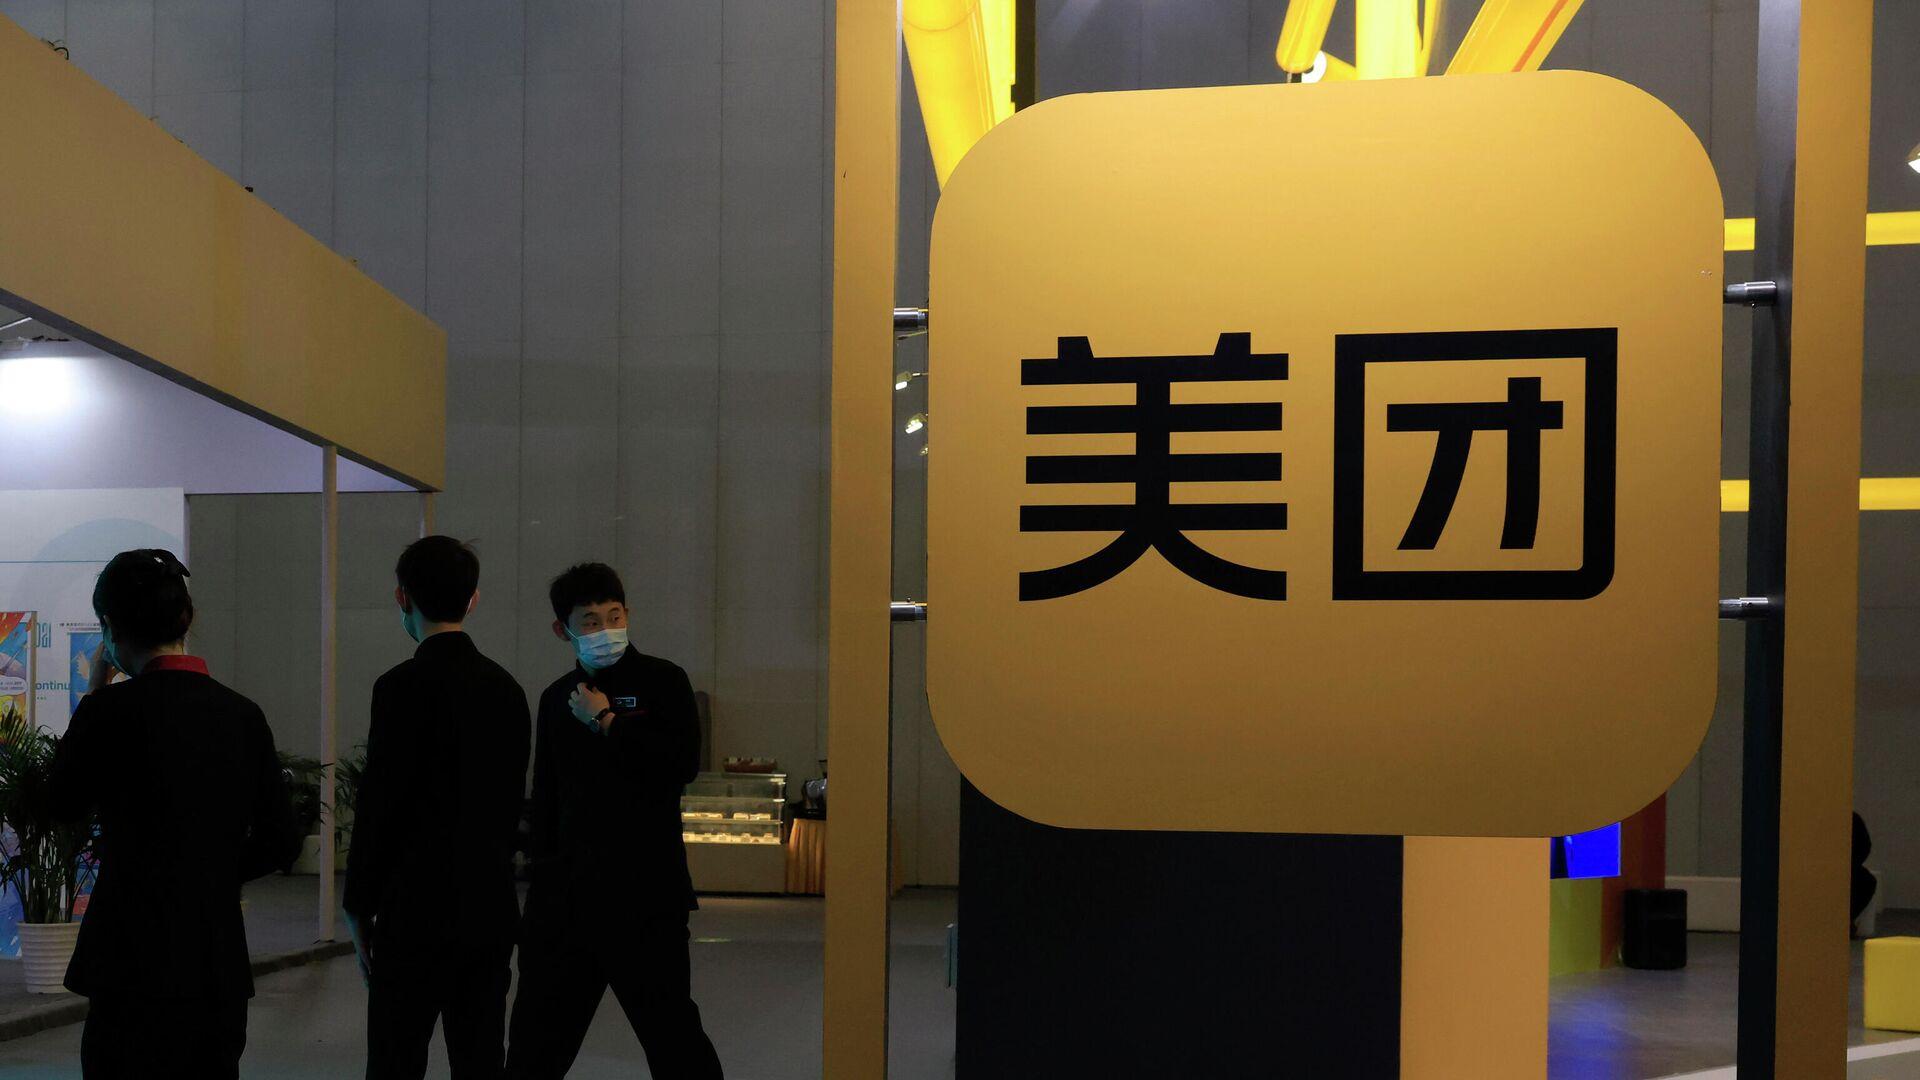 El logo de la compañía china Meituan durante una feria de negocios en Pekín, China - Sputnik Mundo, 1920, 12.05.2021